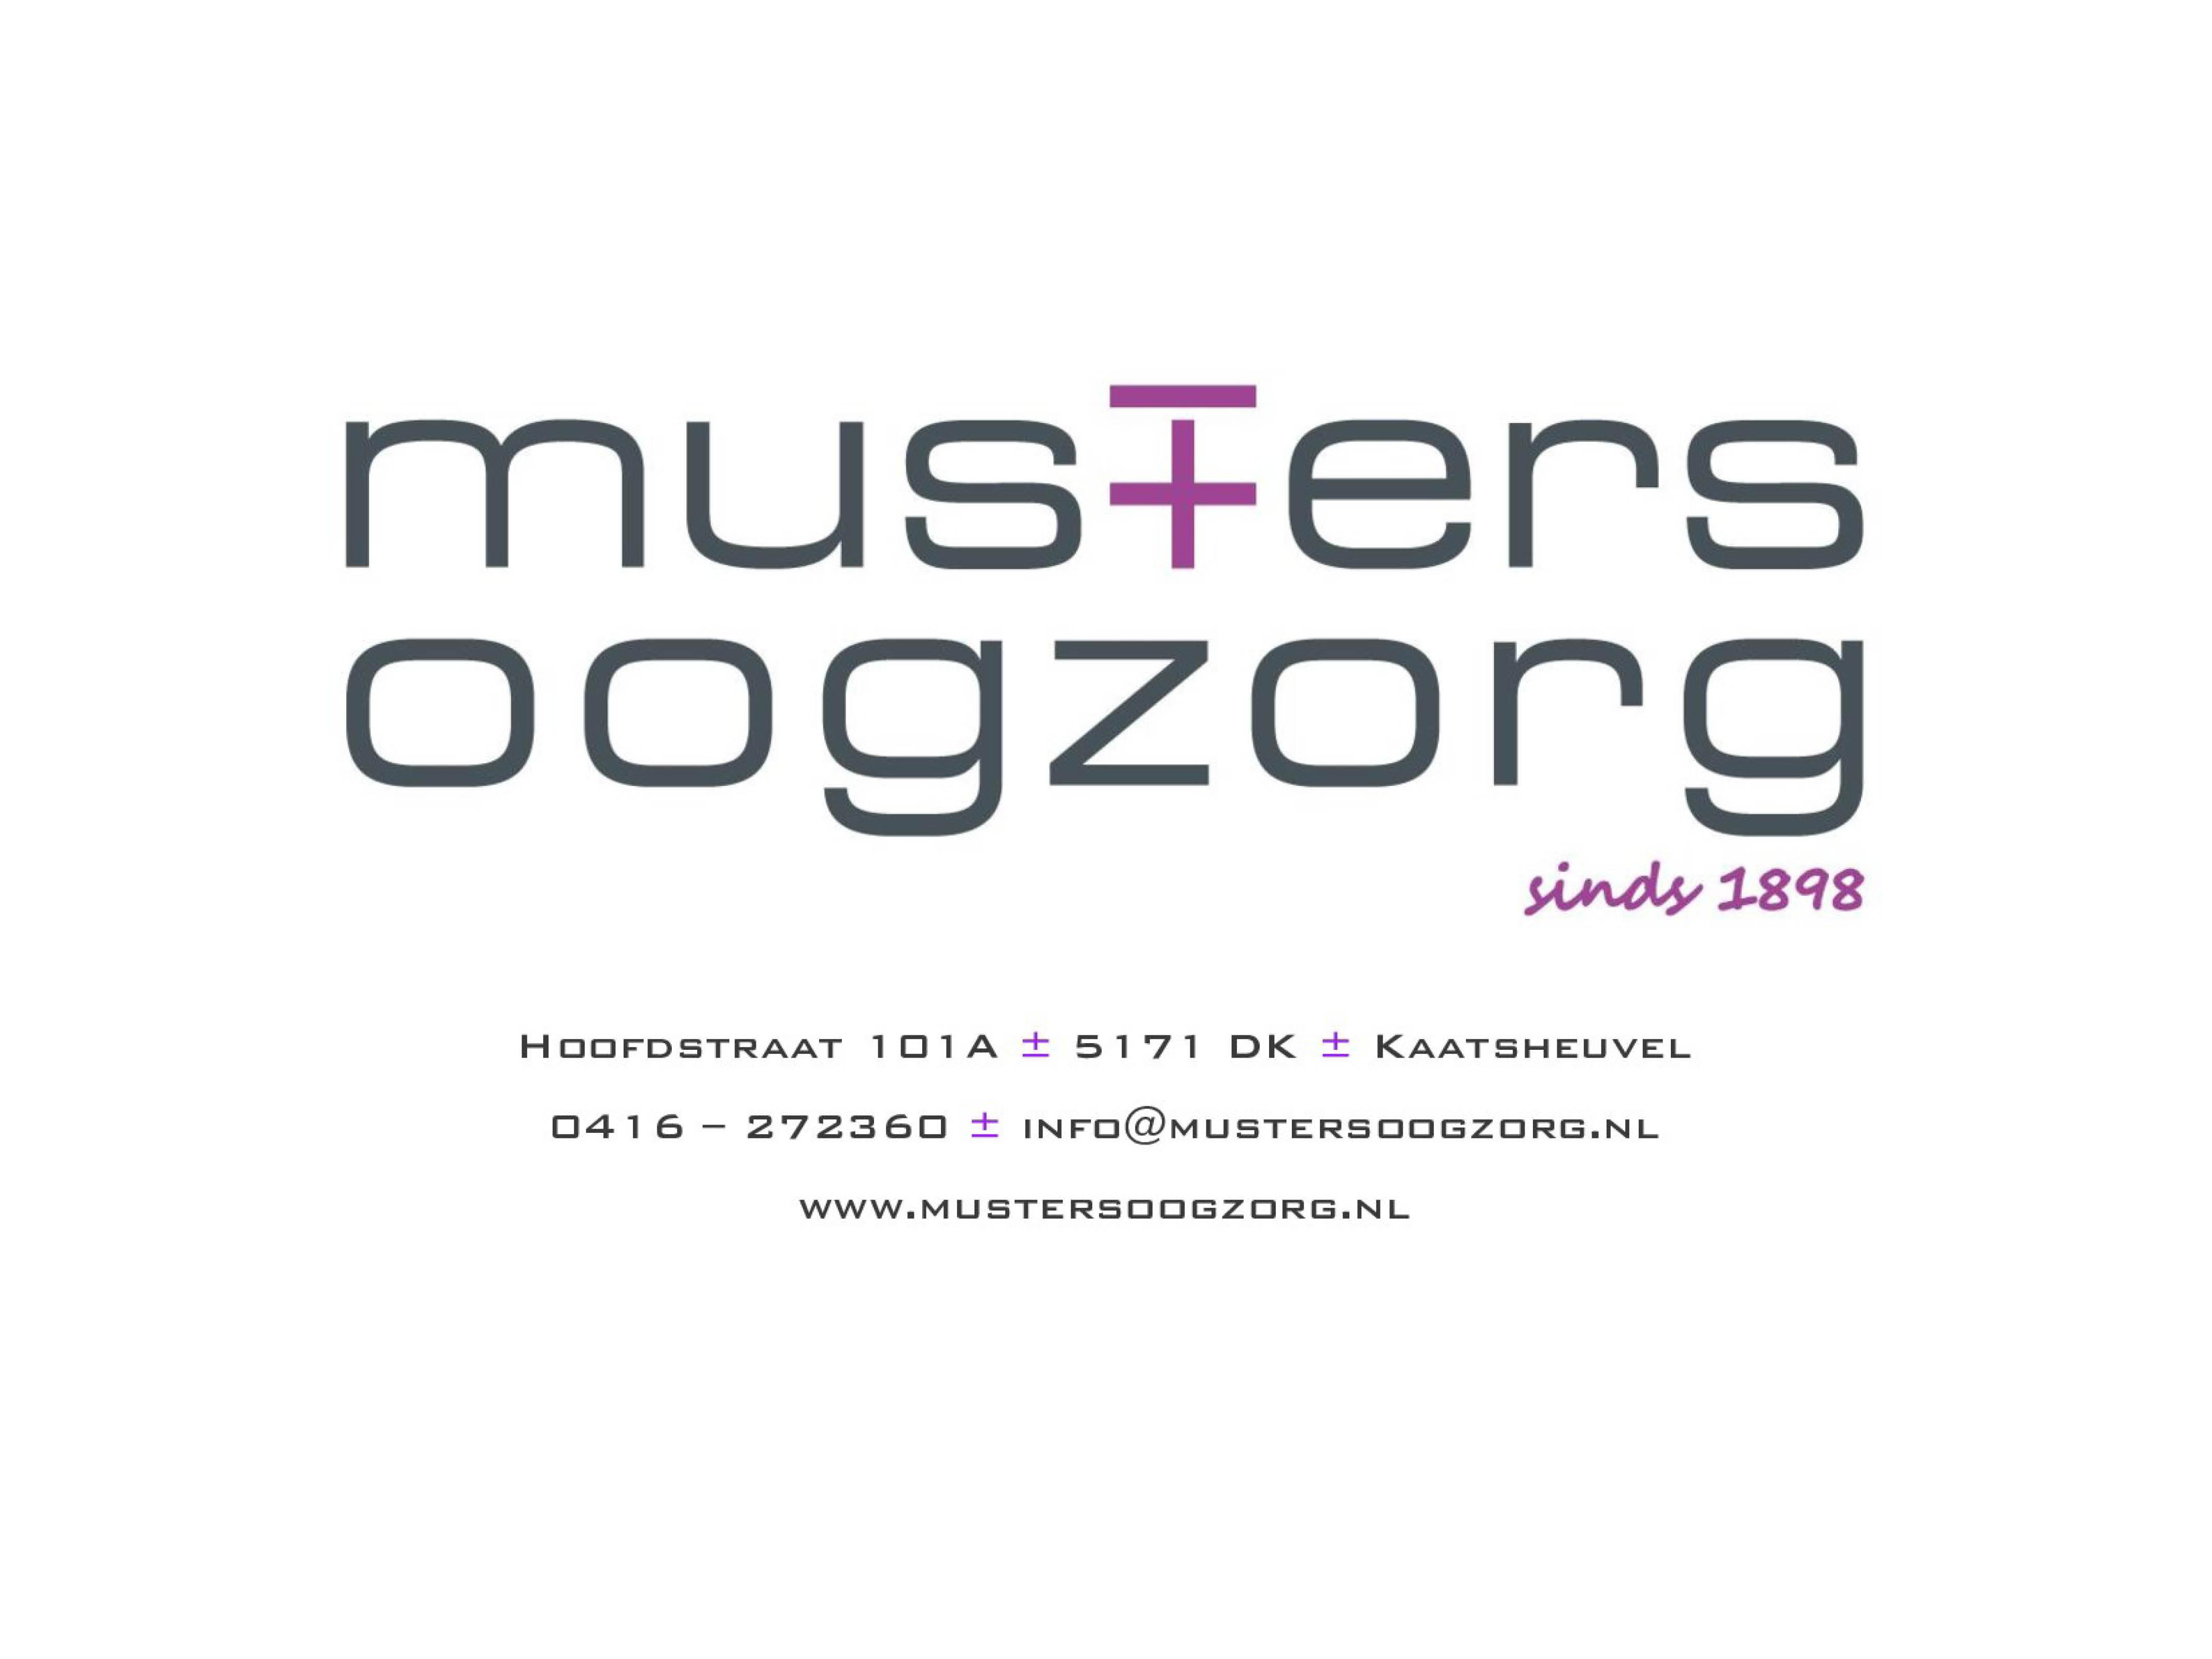 001-Musters-oogzorg.jpg